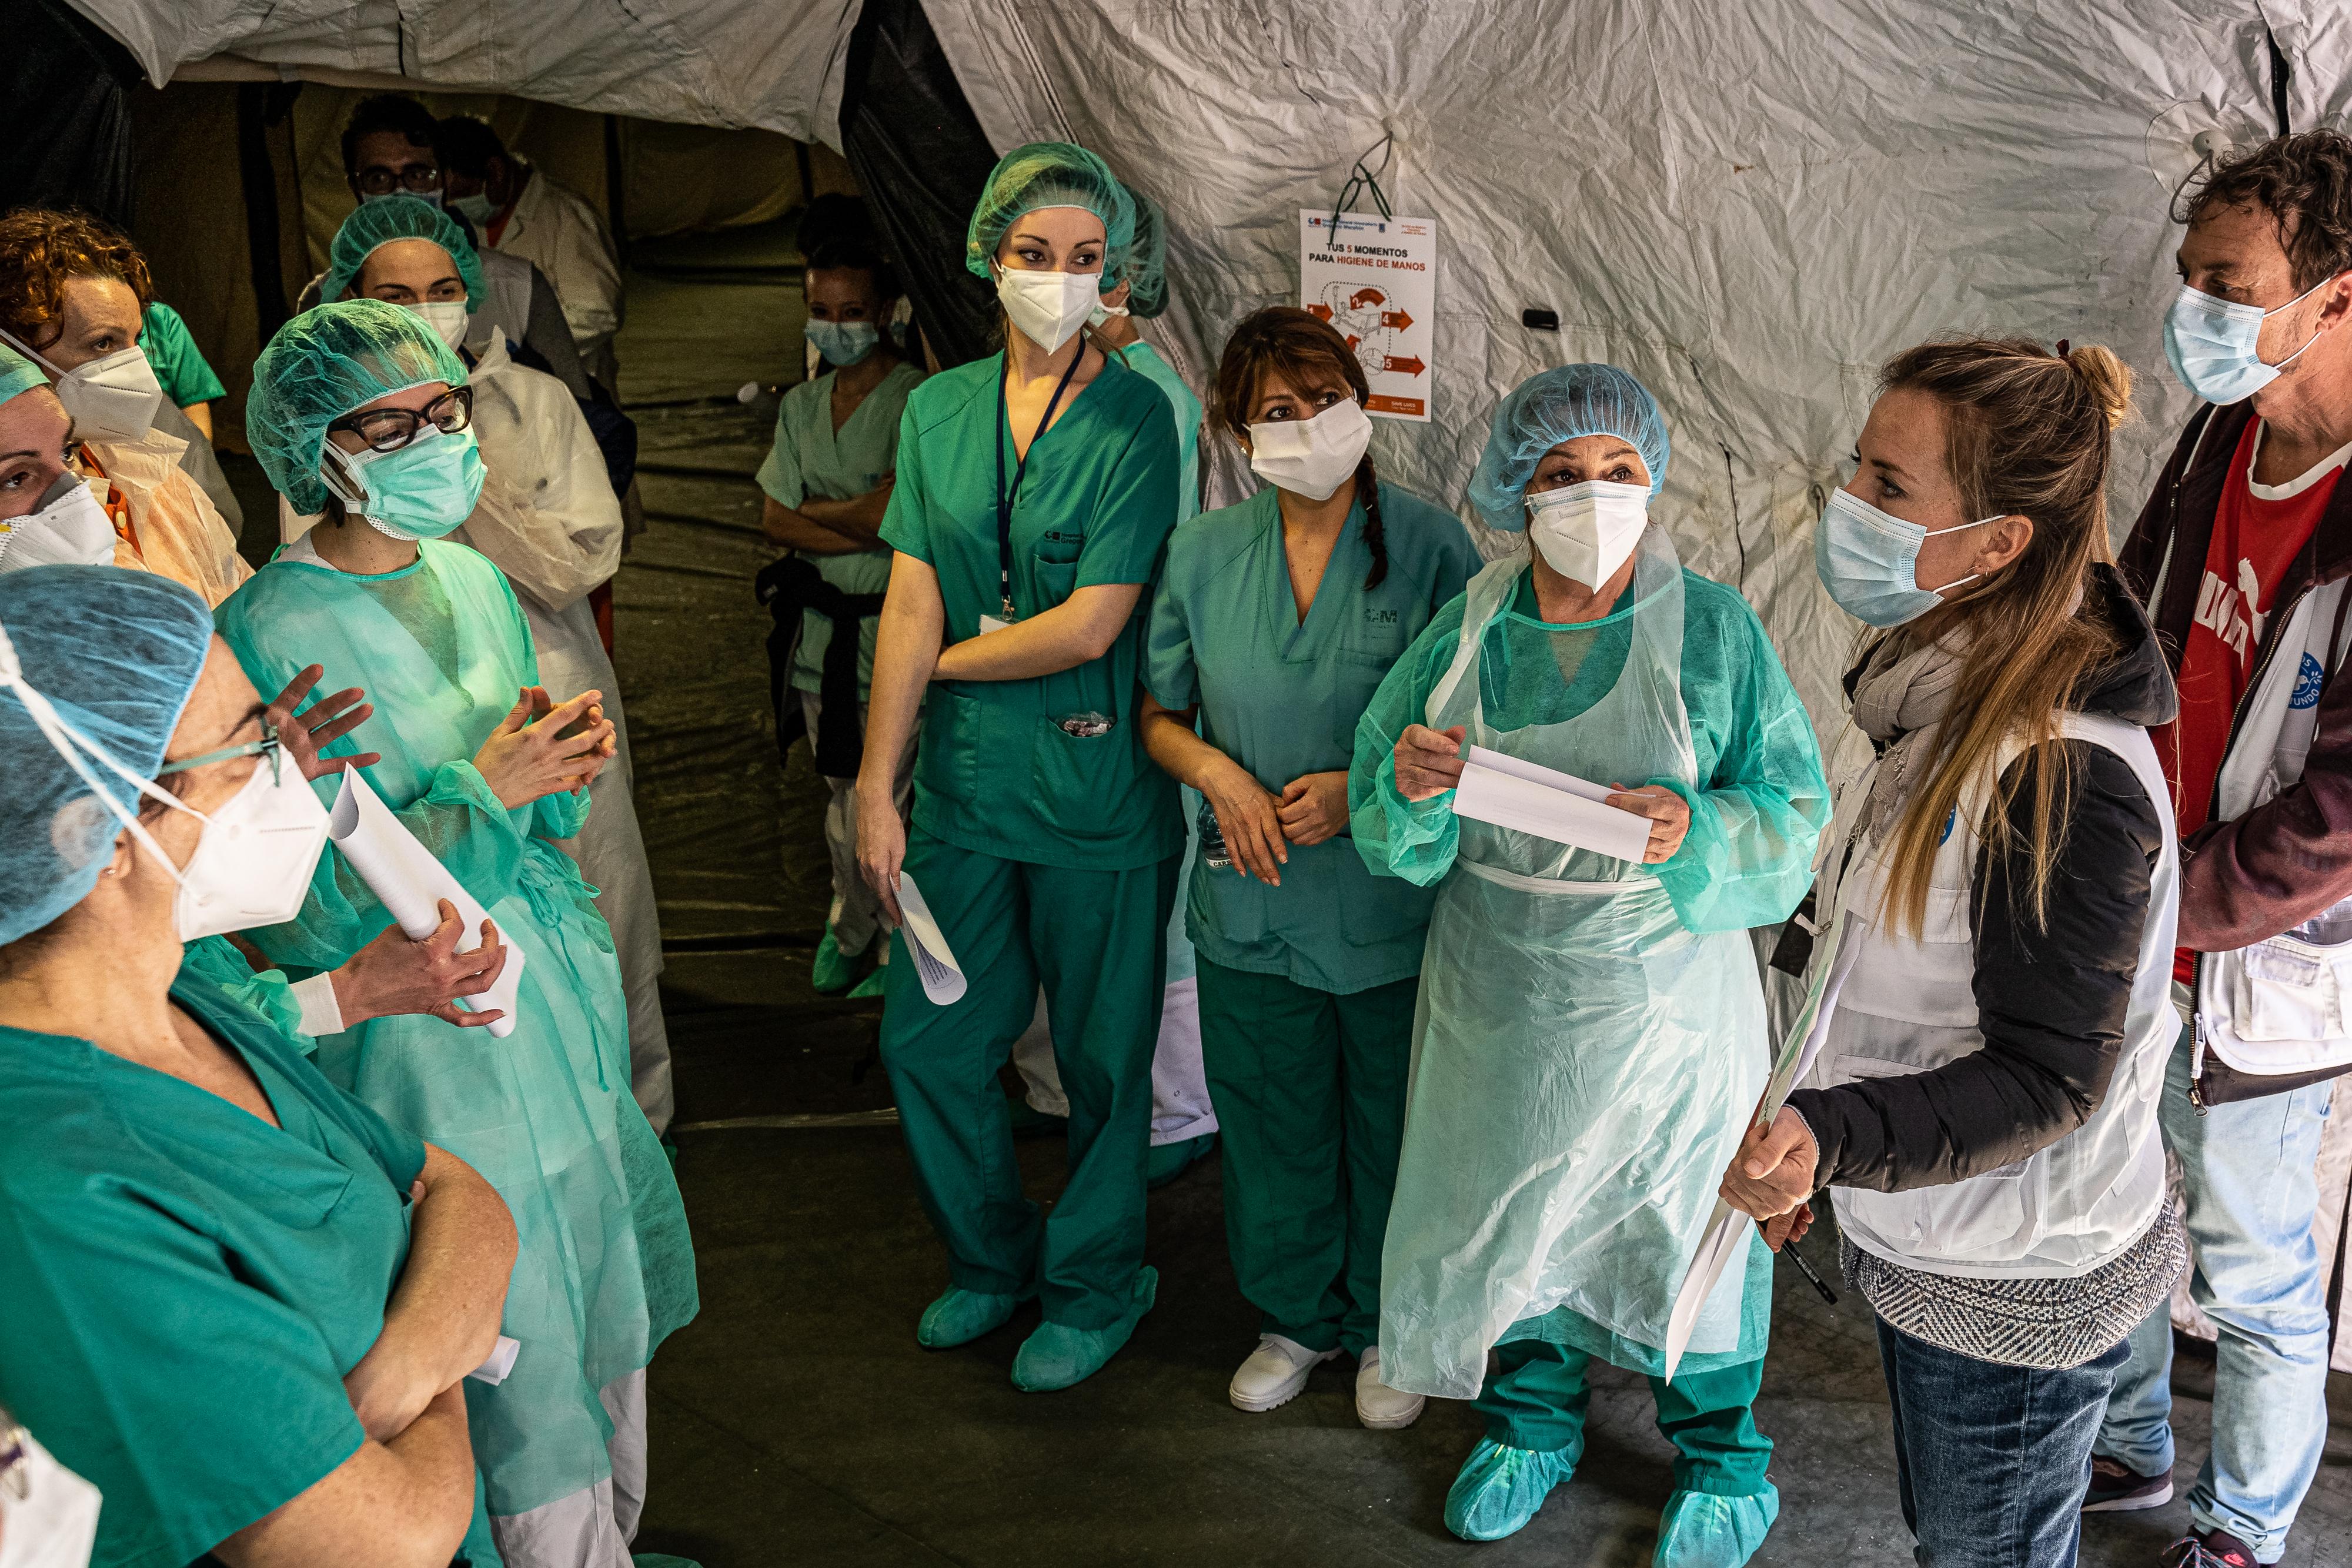 Fotografía: Ignacio Marín / Médicos del Mundo.